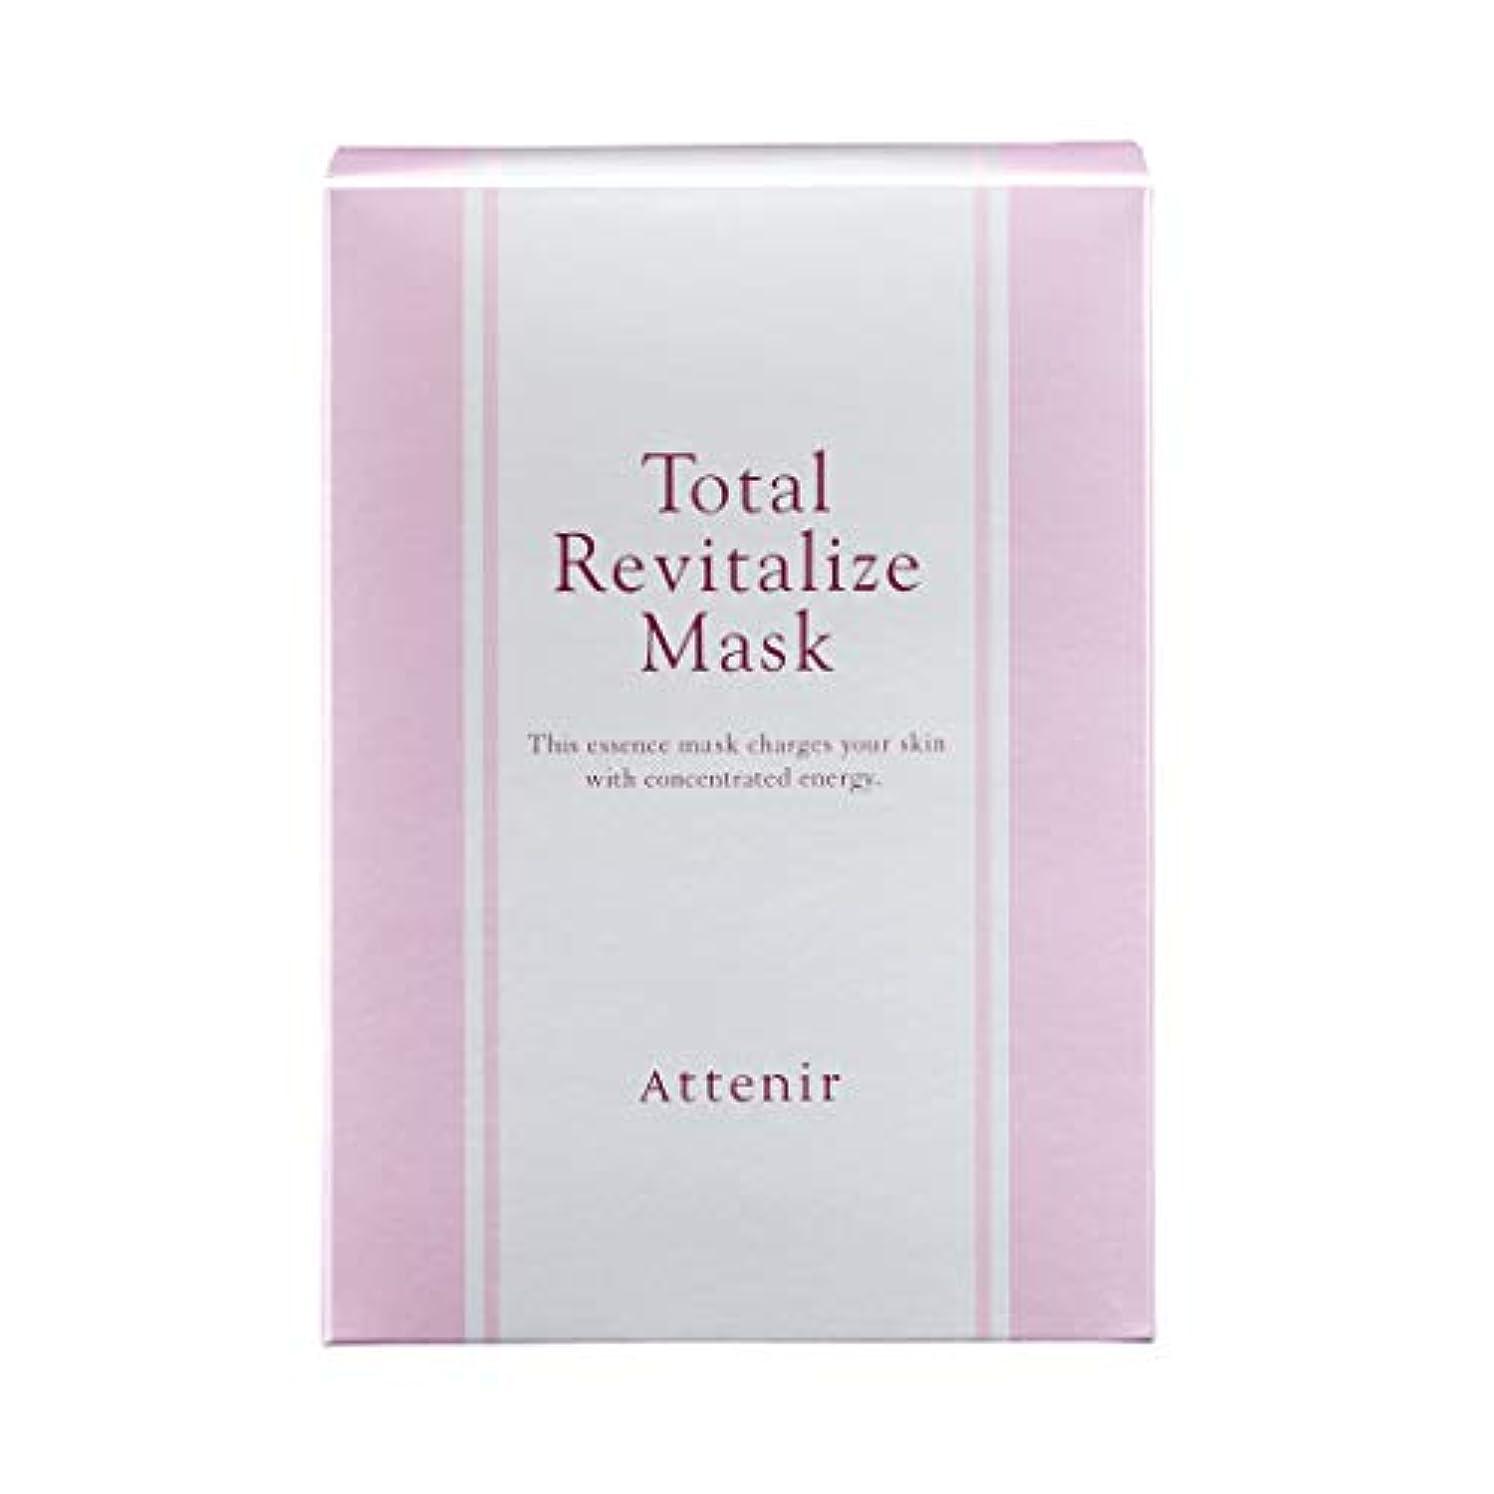 整理する雄大な非常に怒っていますアテニア トータルリヴァイタライズ マスク肌疲労ケアシートマスク 全顔用 6包入り フェイスパック